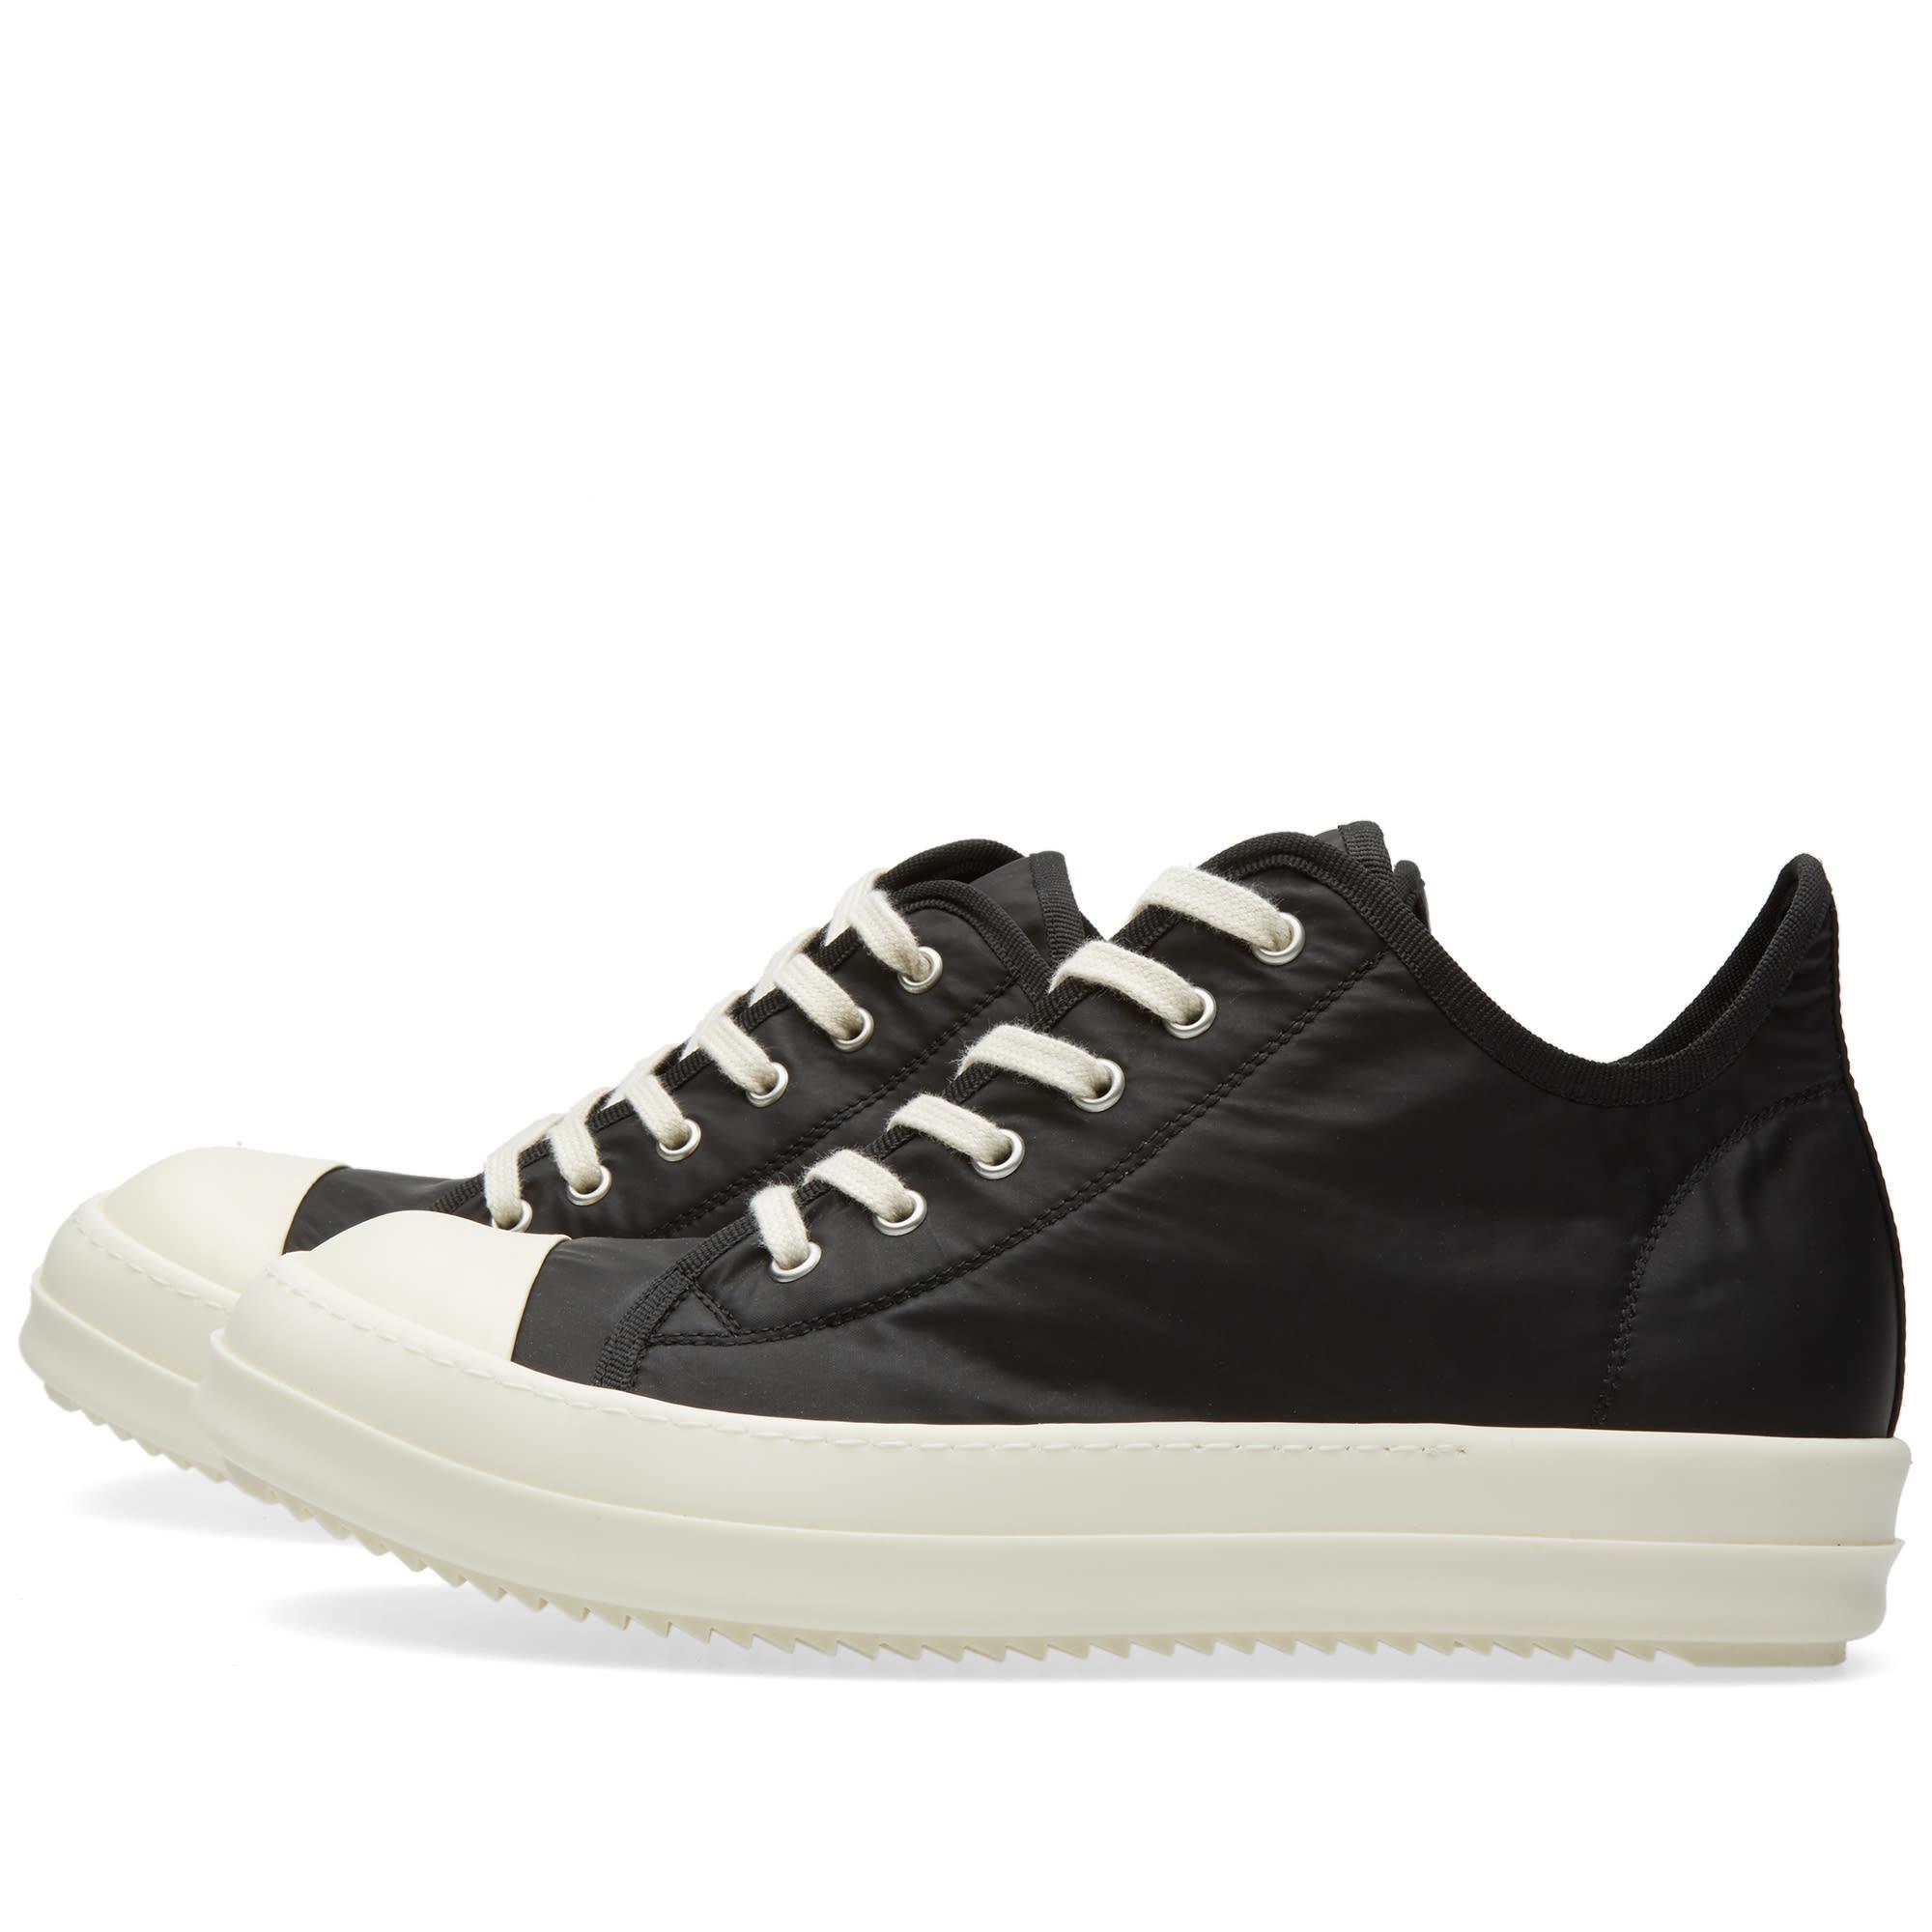 Rick Owens DRKSHDW Low Sneaker Black